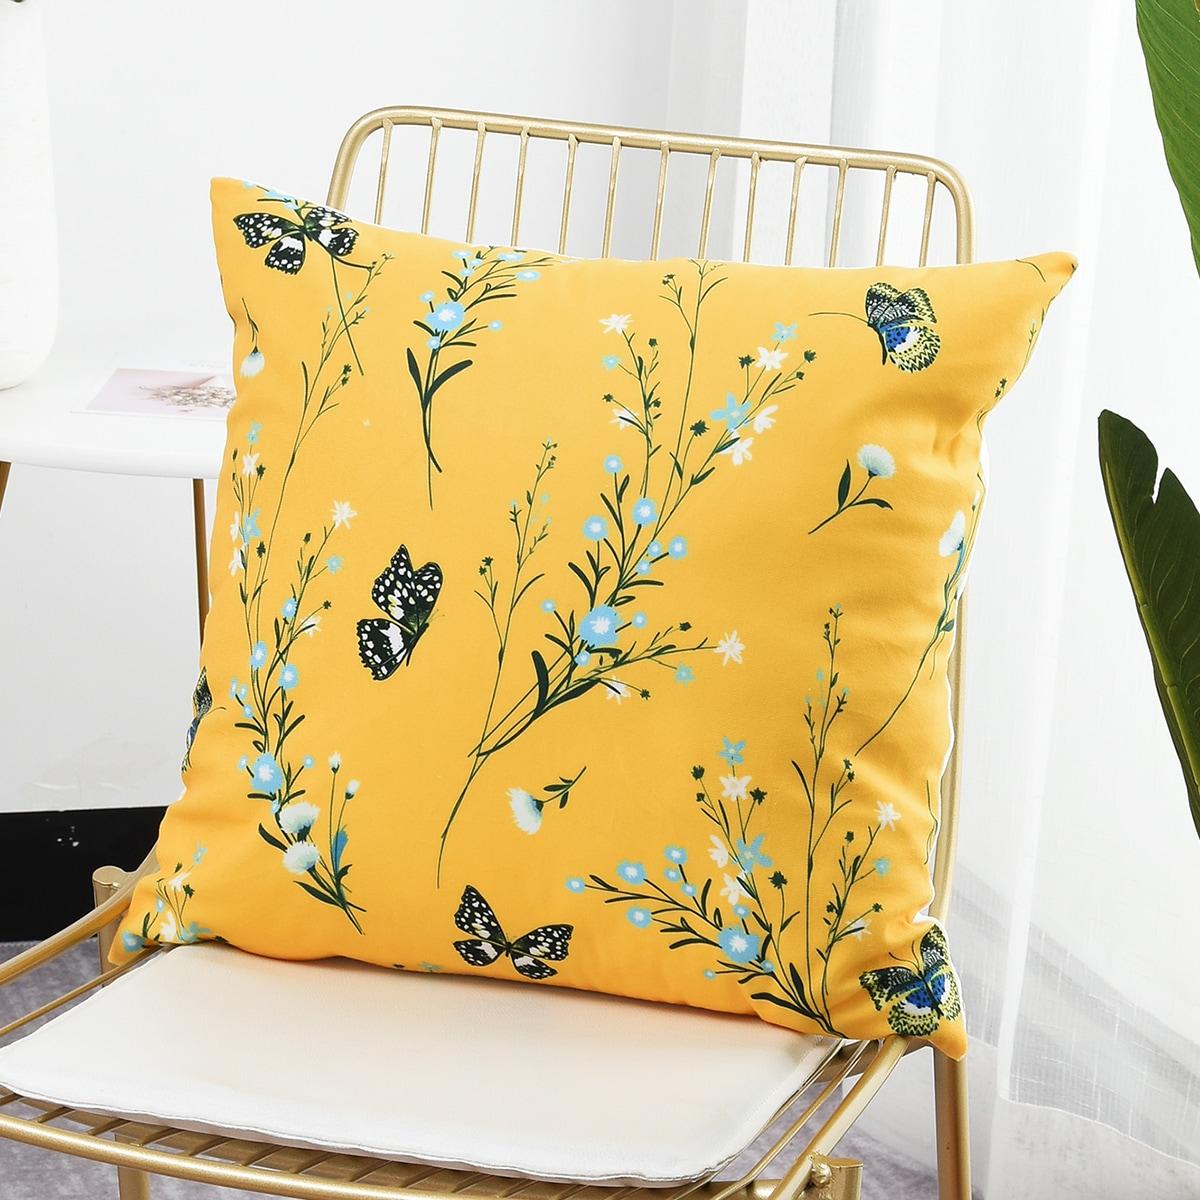 Kissenbezug mit Blumen & Schmetterling Muster